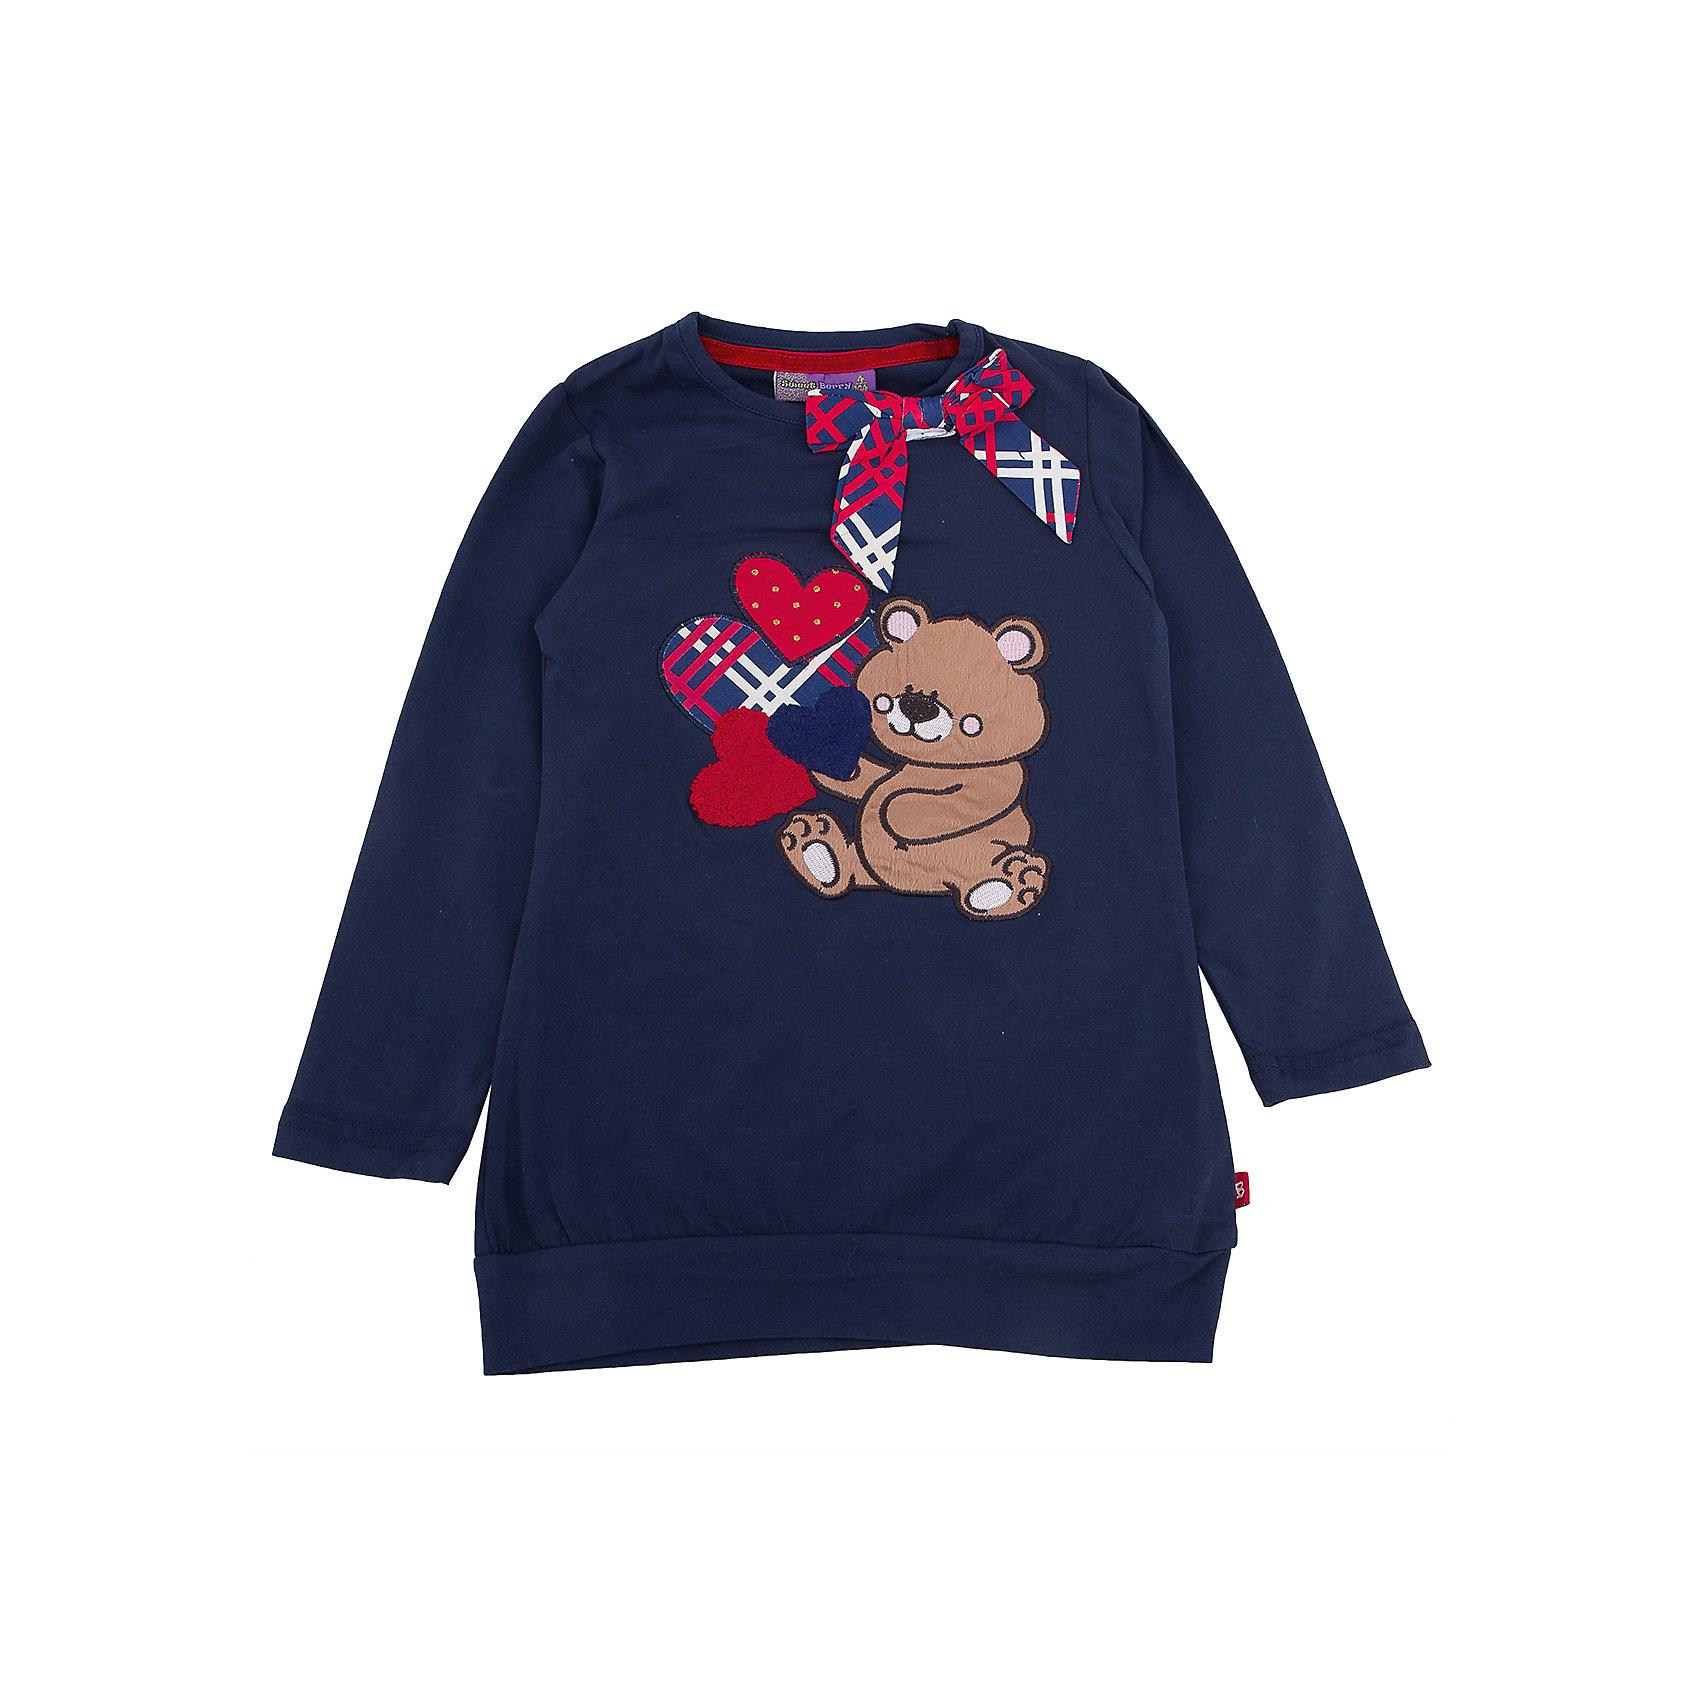 Футболка с длинным рукавом для девочки Sweet BerryФутболка с длинным рукавом – модная вещь, которая способна одновременно создать стильный образ и защитить от осенних холодов маленького ребенка. Симпатичная аппликация с бантом – особенность модели из новой коллекции. Насыщенный цвет, не теряющий сочность со временем, приятная к телу ткань и модный принт образуют уникальную футболку для девочки. Универсальный крой поможет создать множество образов. Материалы, использованные при изготовлении одежды, полностью безопасны для детей и отвечают всем требованиям по качеству продукции данной категории.<br><br>Дополнительная информация: <br><br>аппликация с бантом;<br>прямой силуэт;<br>цвет: синий;<br>материал: хлопок 95%, эластан 5%.<br><br>Футболку с длинным рукавом для девочки от компании Sweet Berry можно приобрести в нашем магазине.<br><br>Ширина мм: 230<br>Глубина мм: 40<br>Высота мм: 220<br>Вес г: 250<br>Цвет: синий<br>Возраст от месяцев: 36<br>Возраст до месяцев: 48<br>Пол: Женский<br>Возраст: Детский<br>Размер: 104,98,128,122,116,110<br>SKU: 4932145